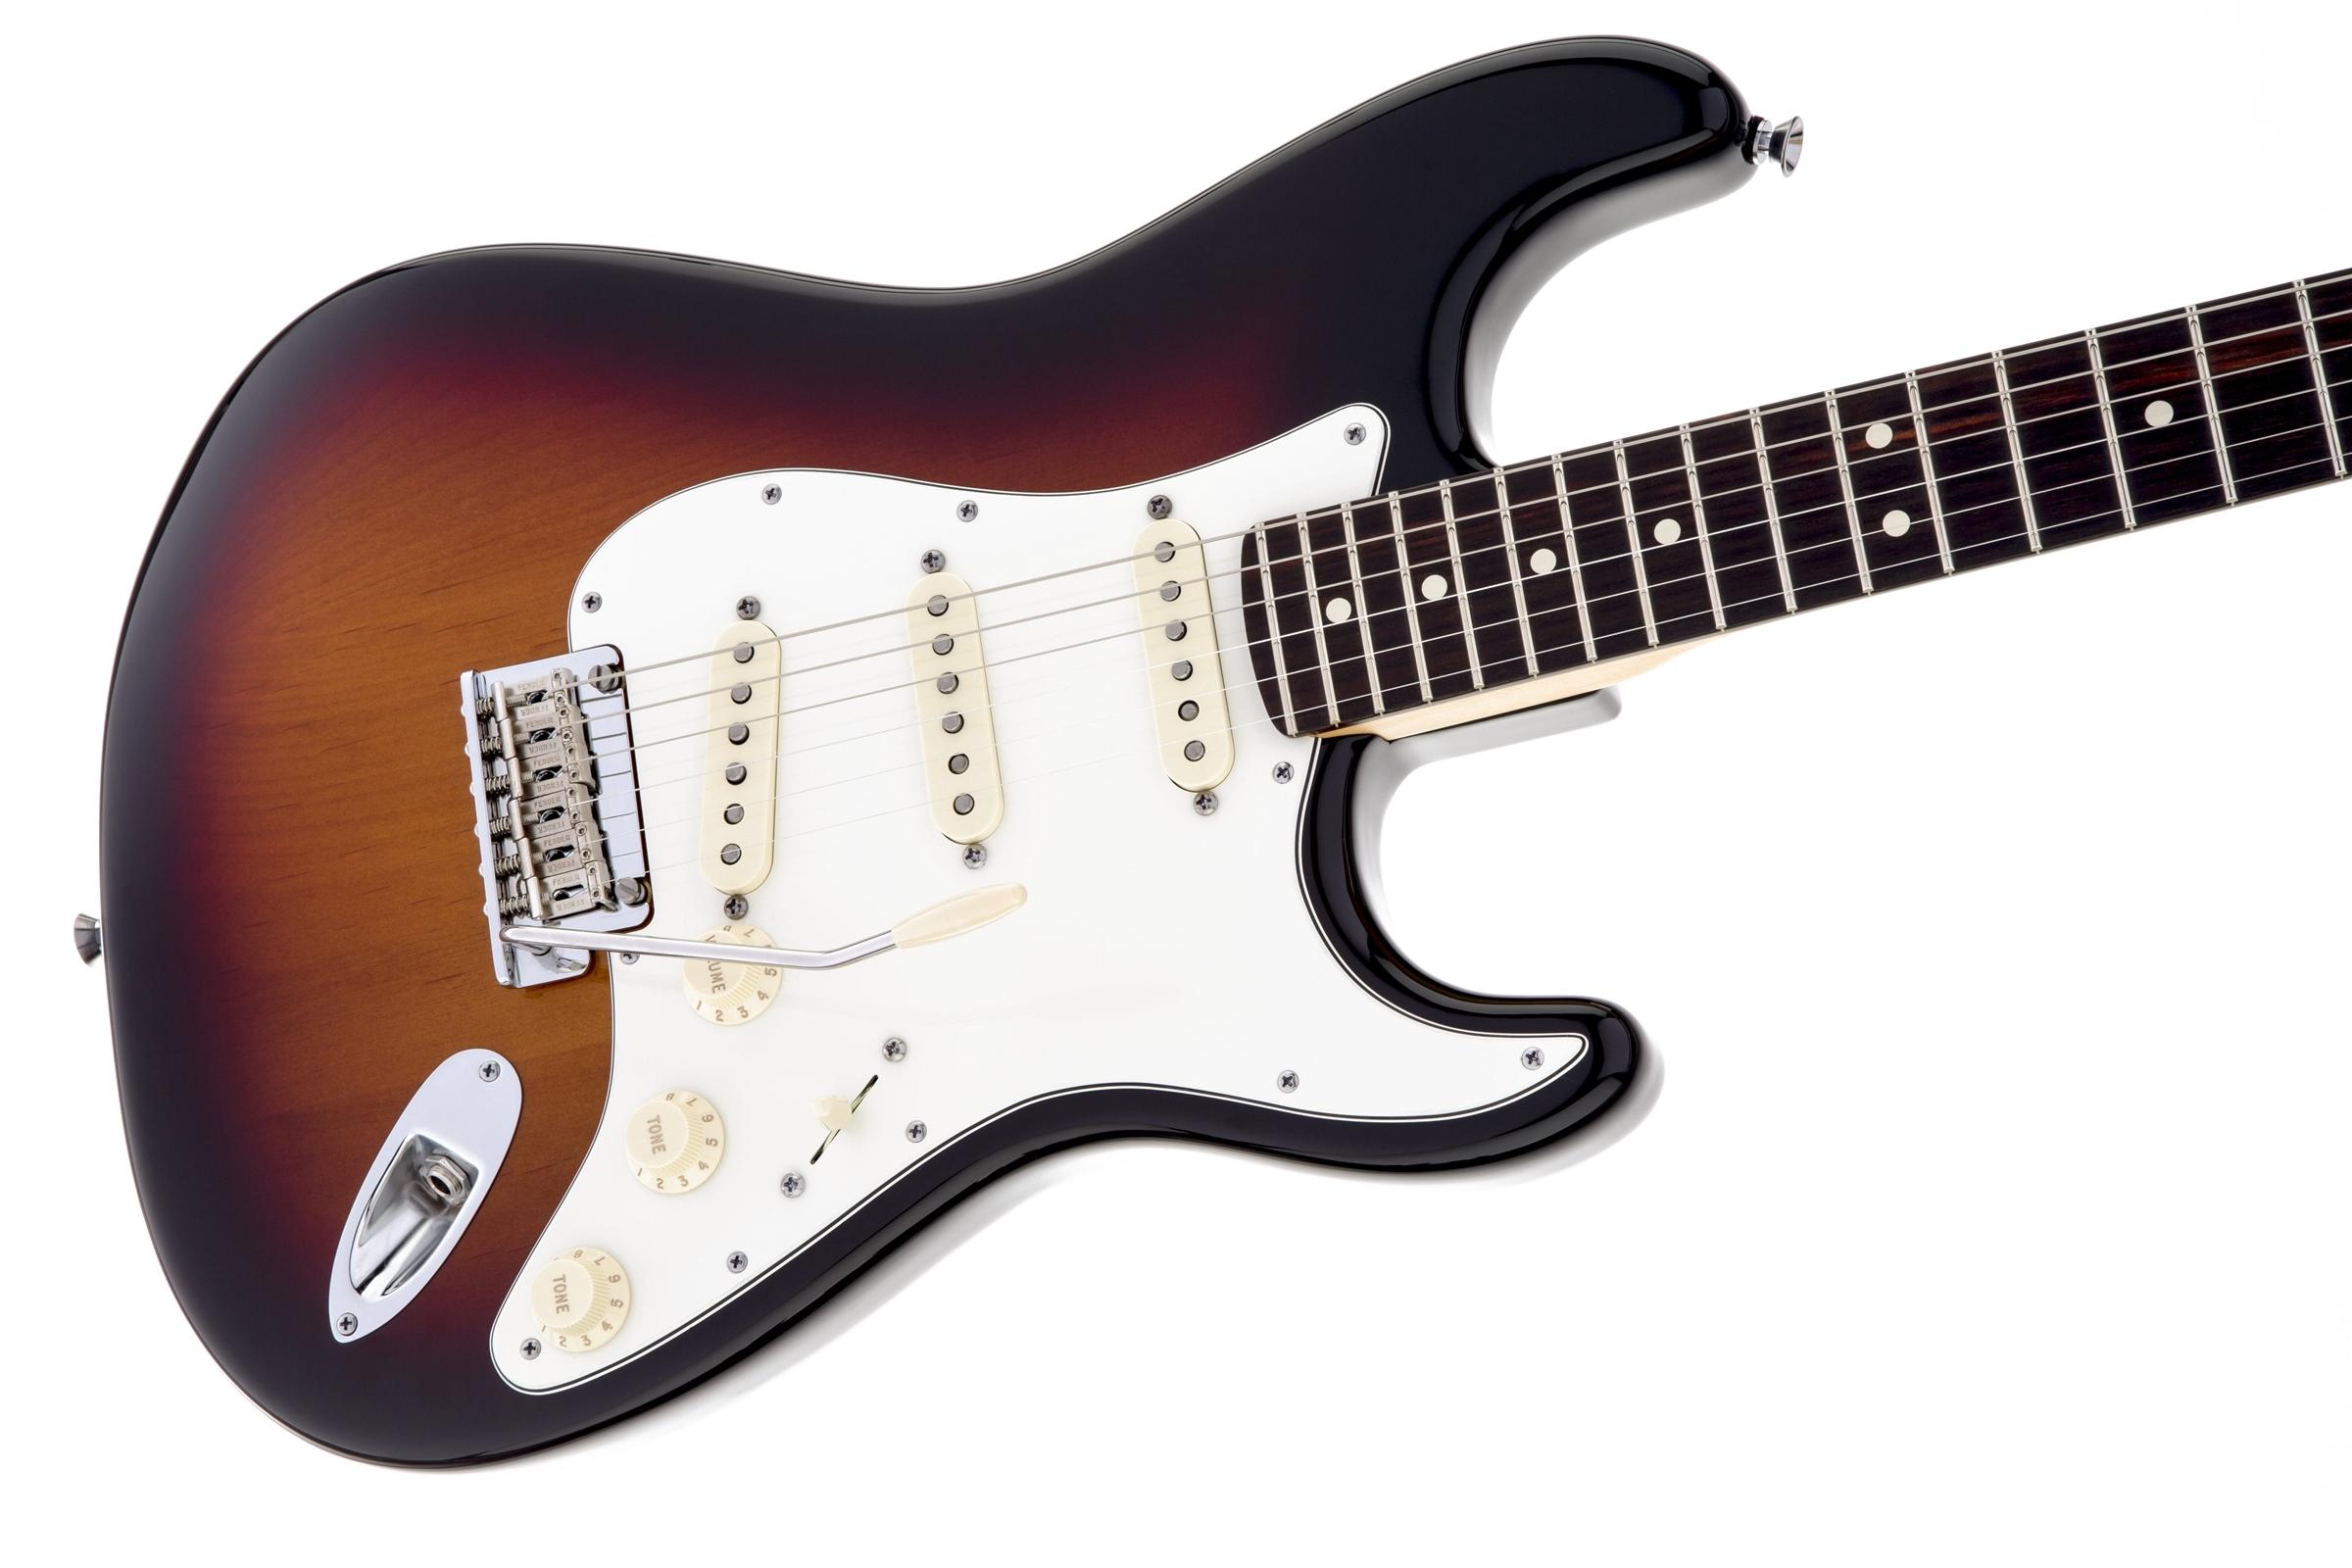 fender american standard stratocaster 3 color sunburst rosewood fingerboard electric guitar. Black Bedroom Furniture Sets. Home Design Ideas